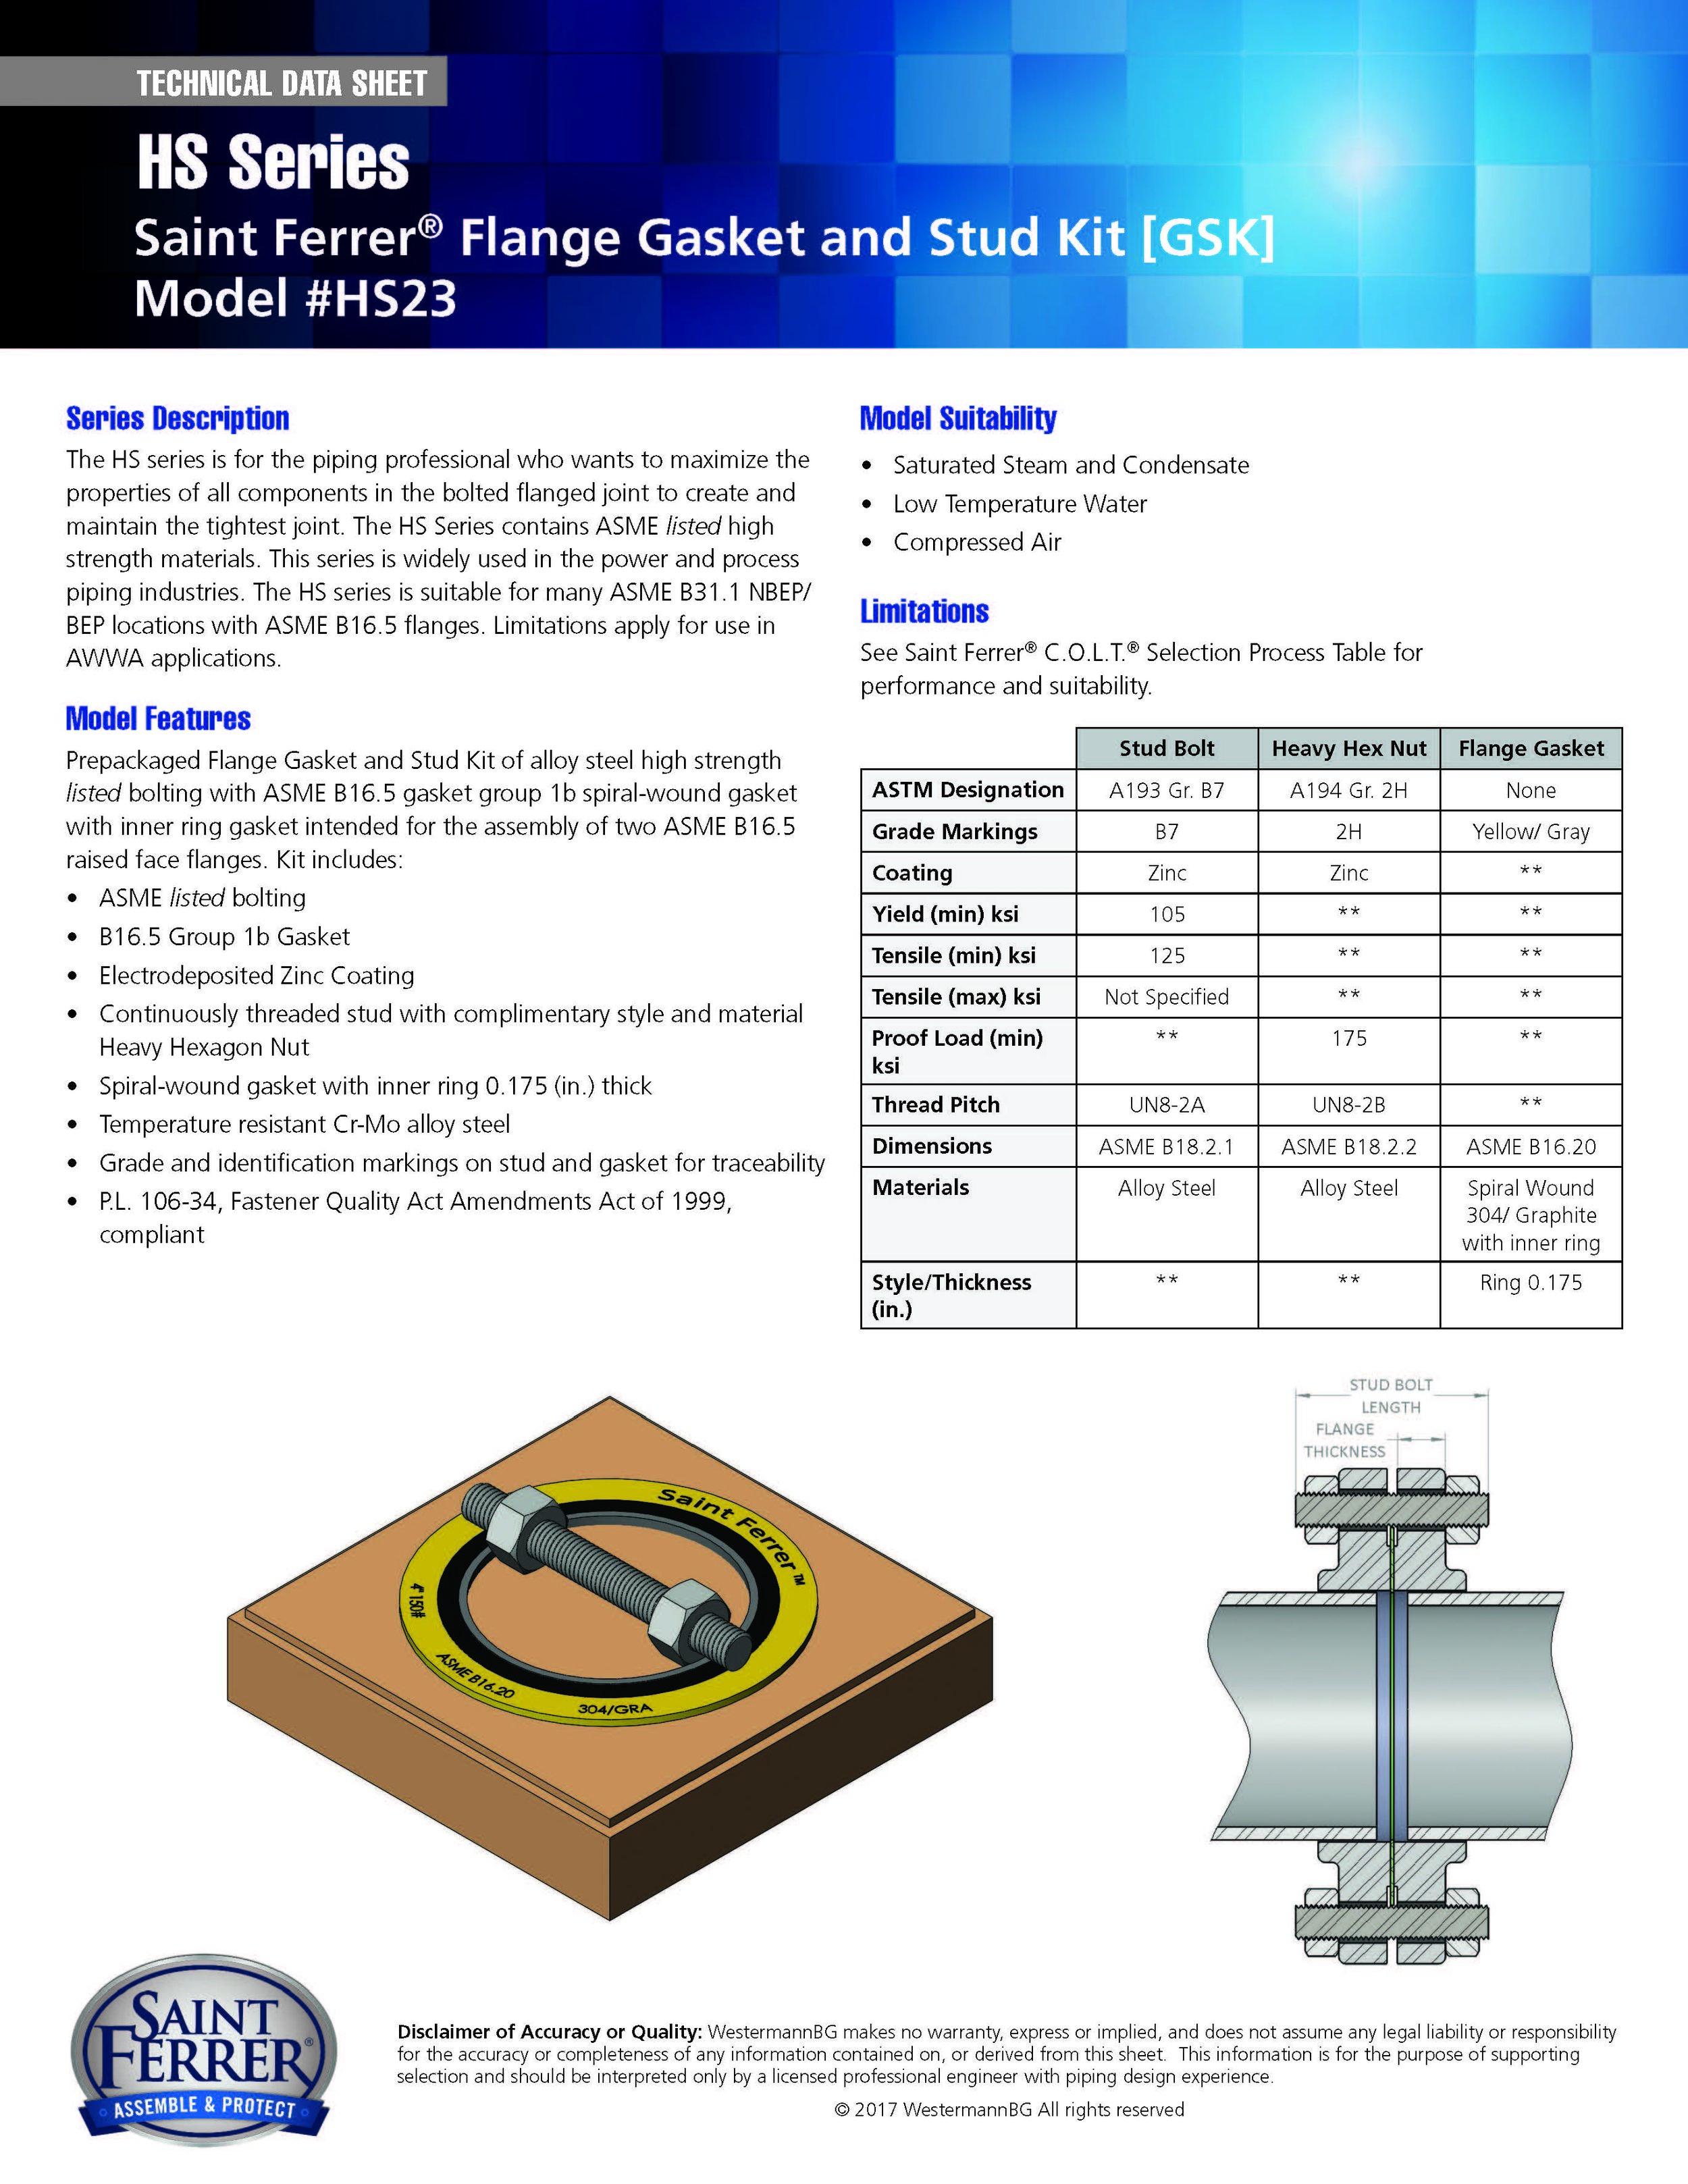 SF_Data_Sheet_HS_Series_HS23.jpg